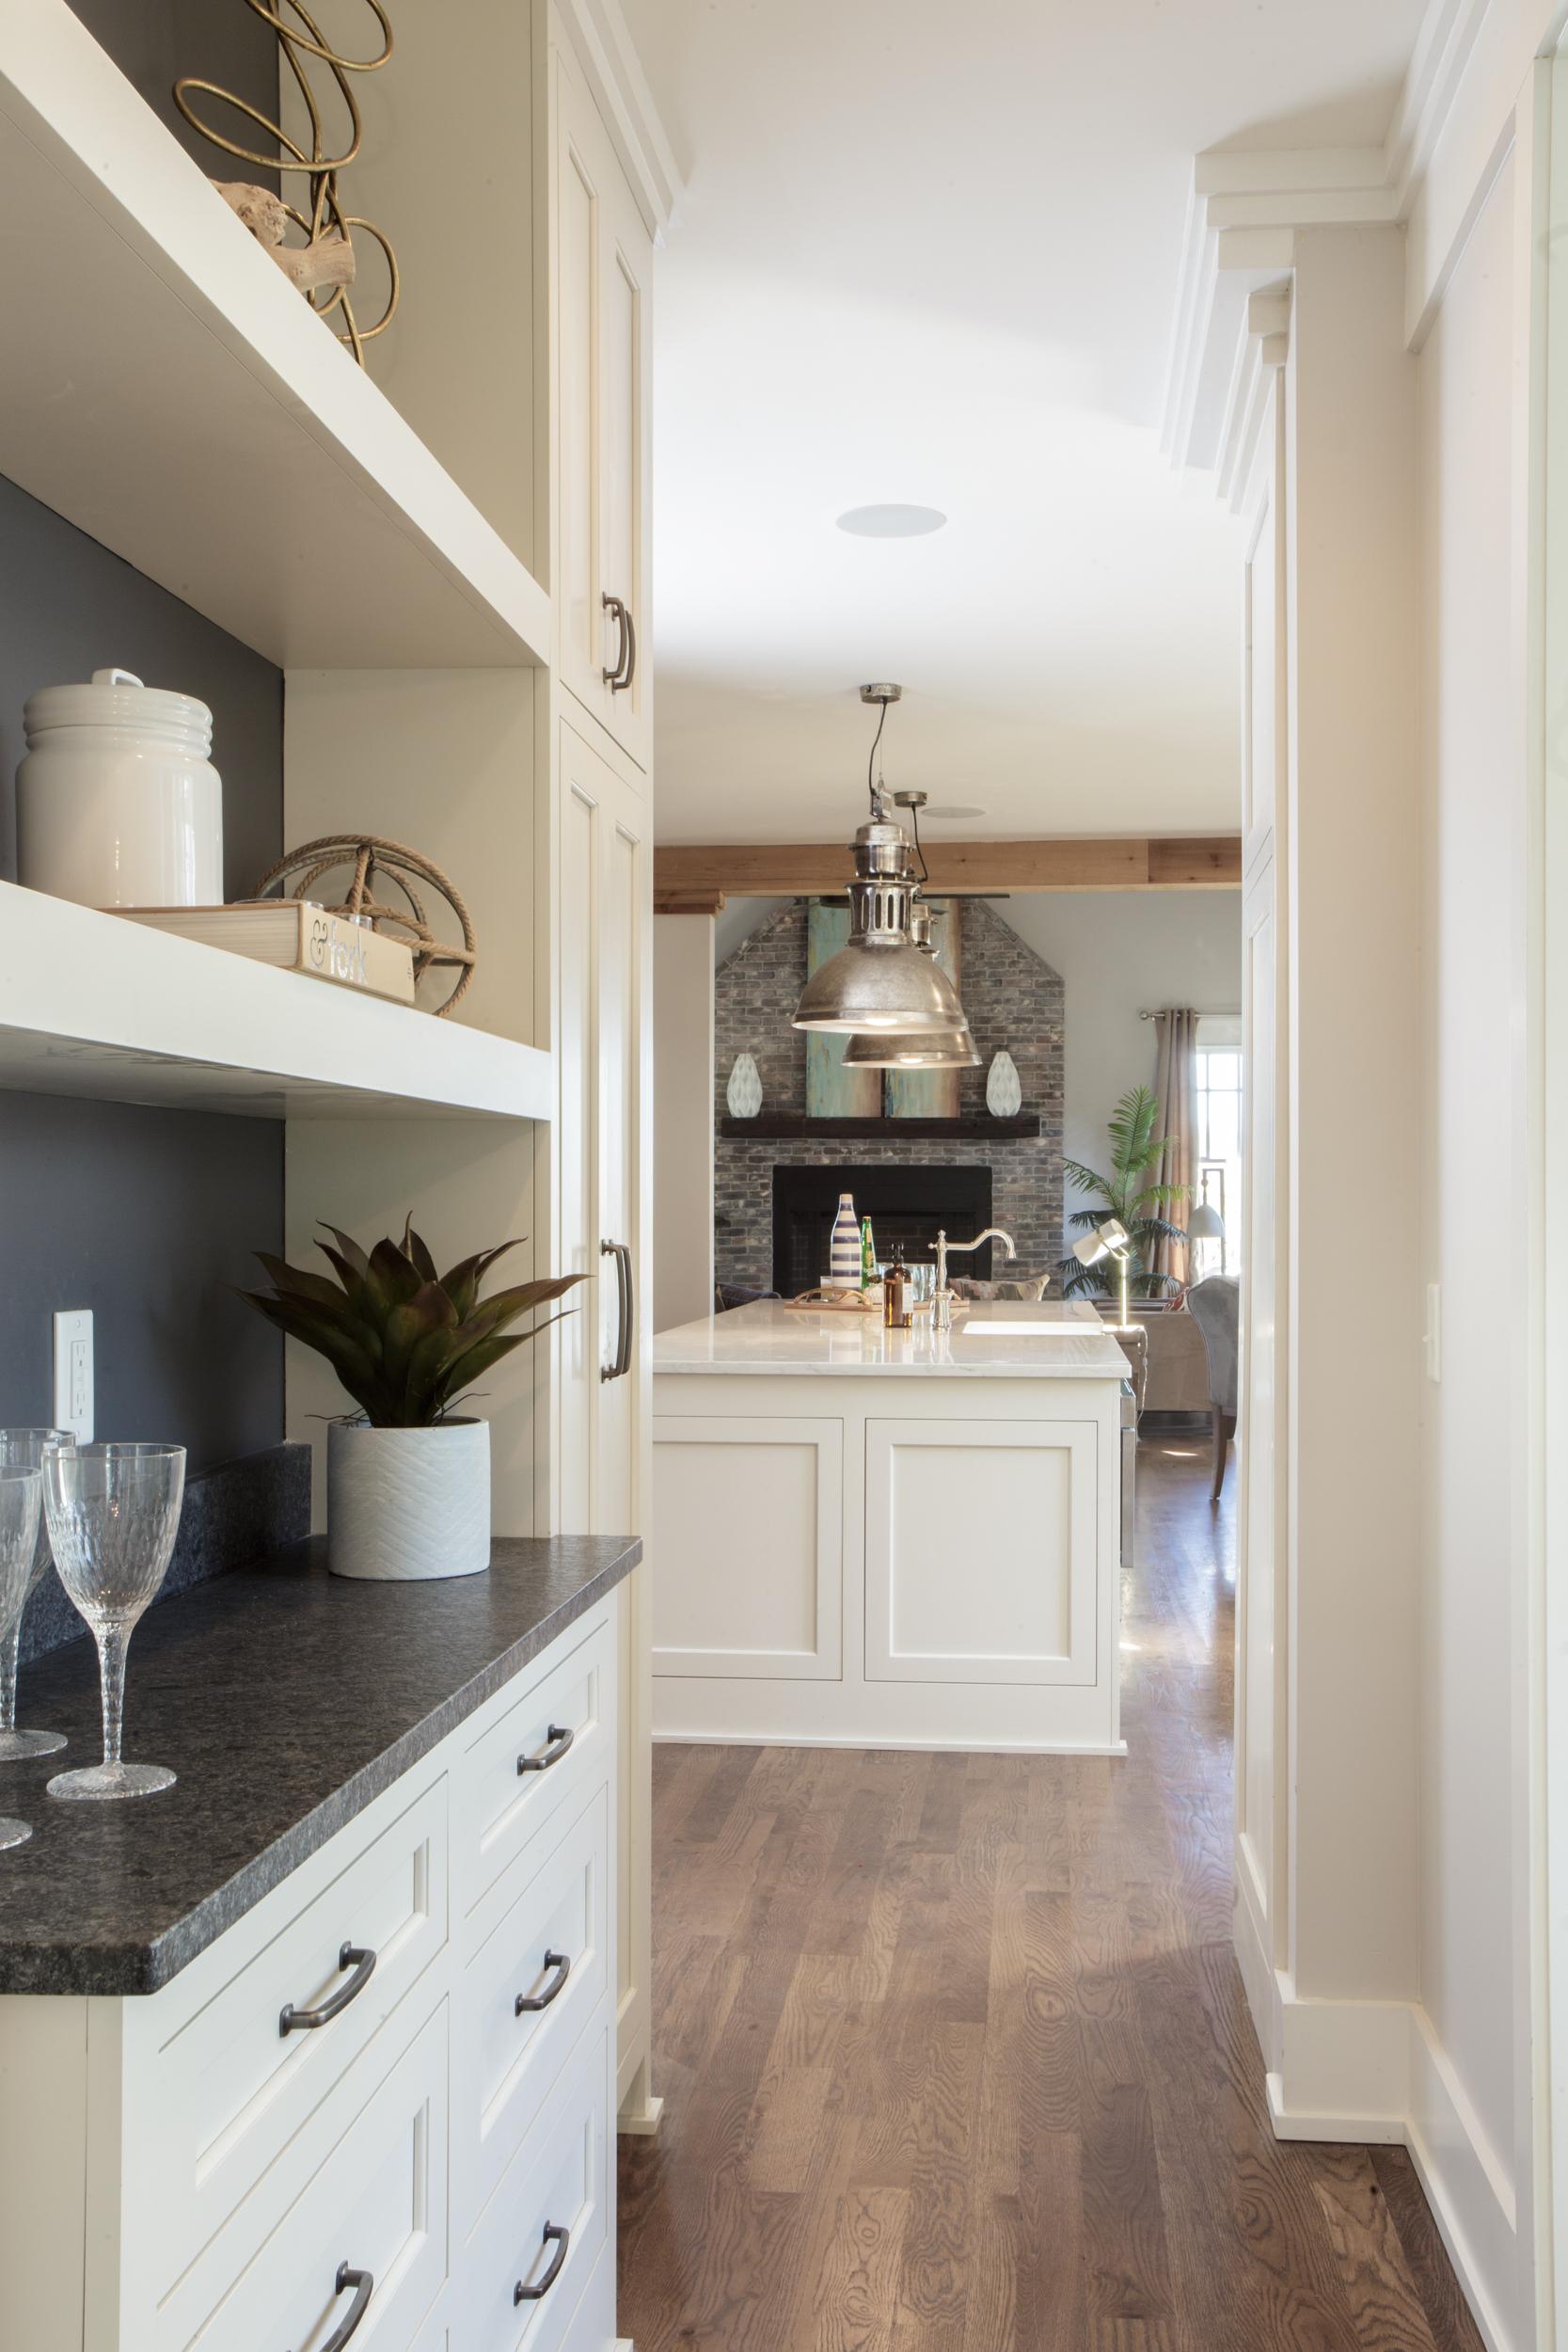 britt-development-group-nashville-tennessee-custom-home-builder-historic-renovation-0560.jpg